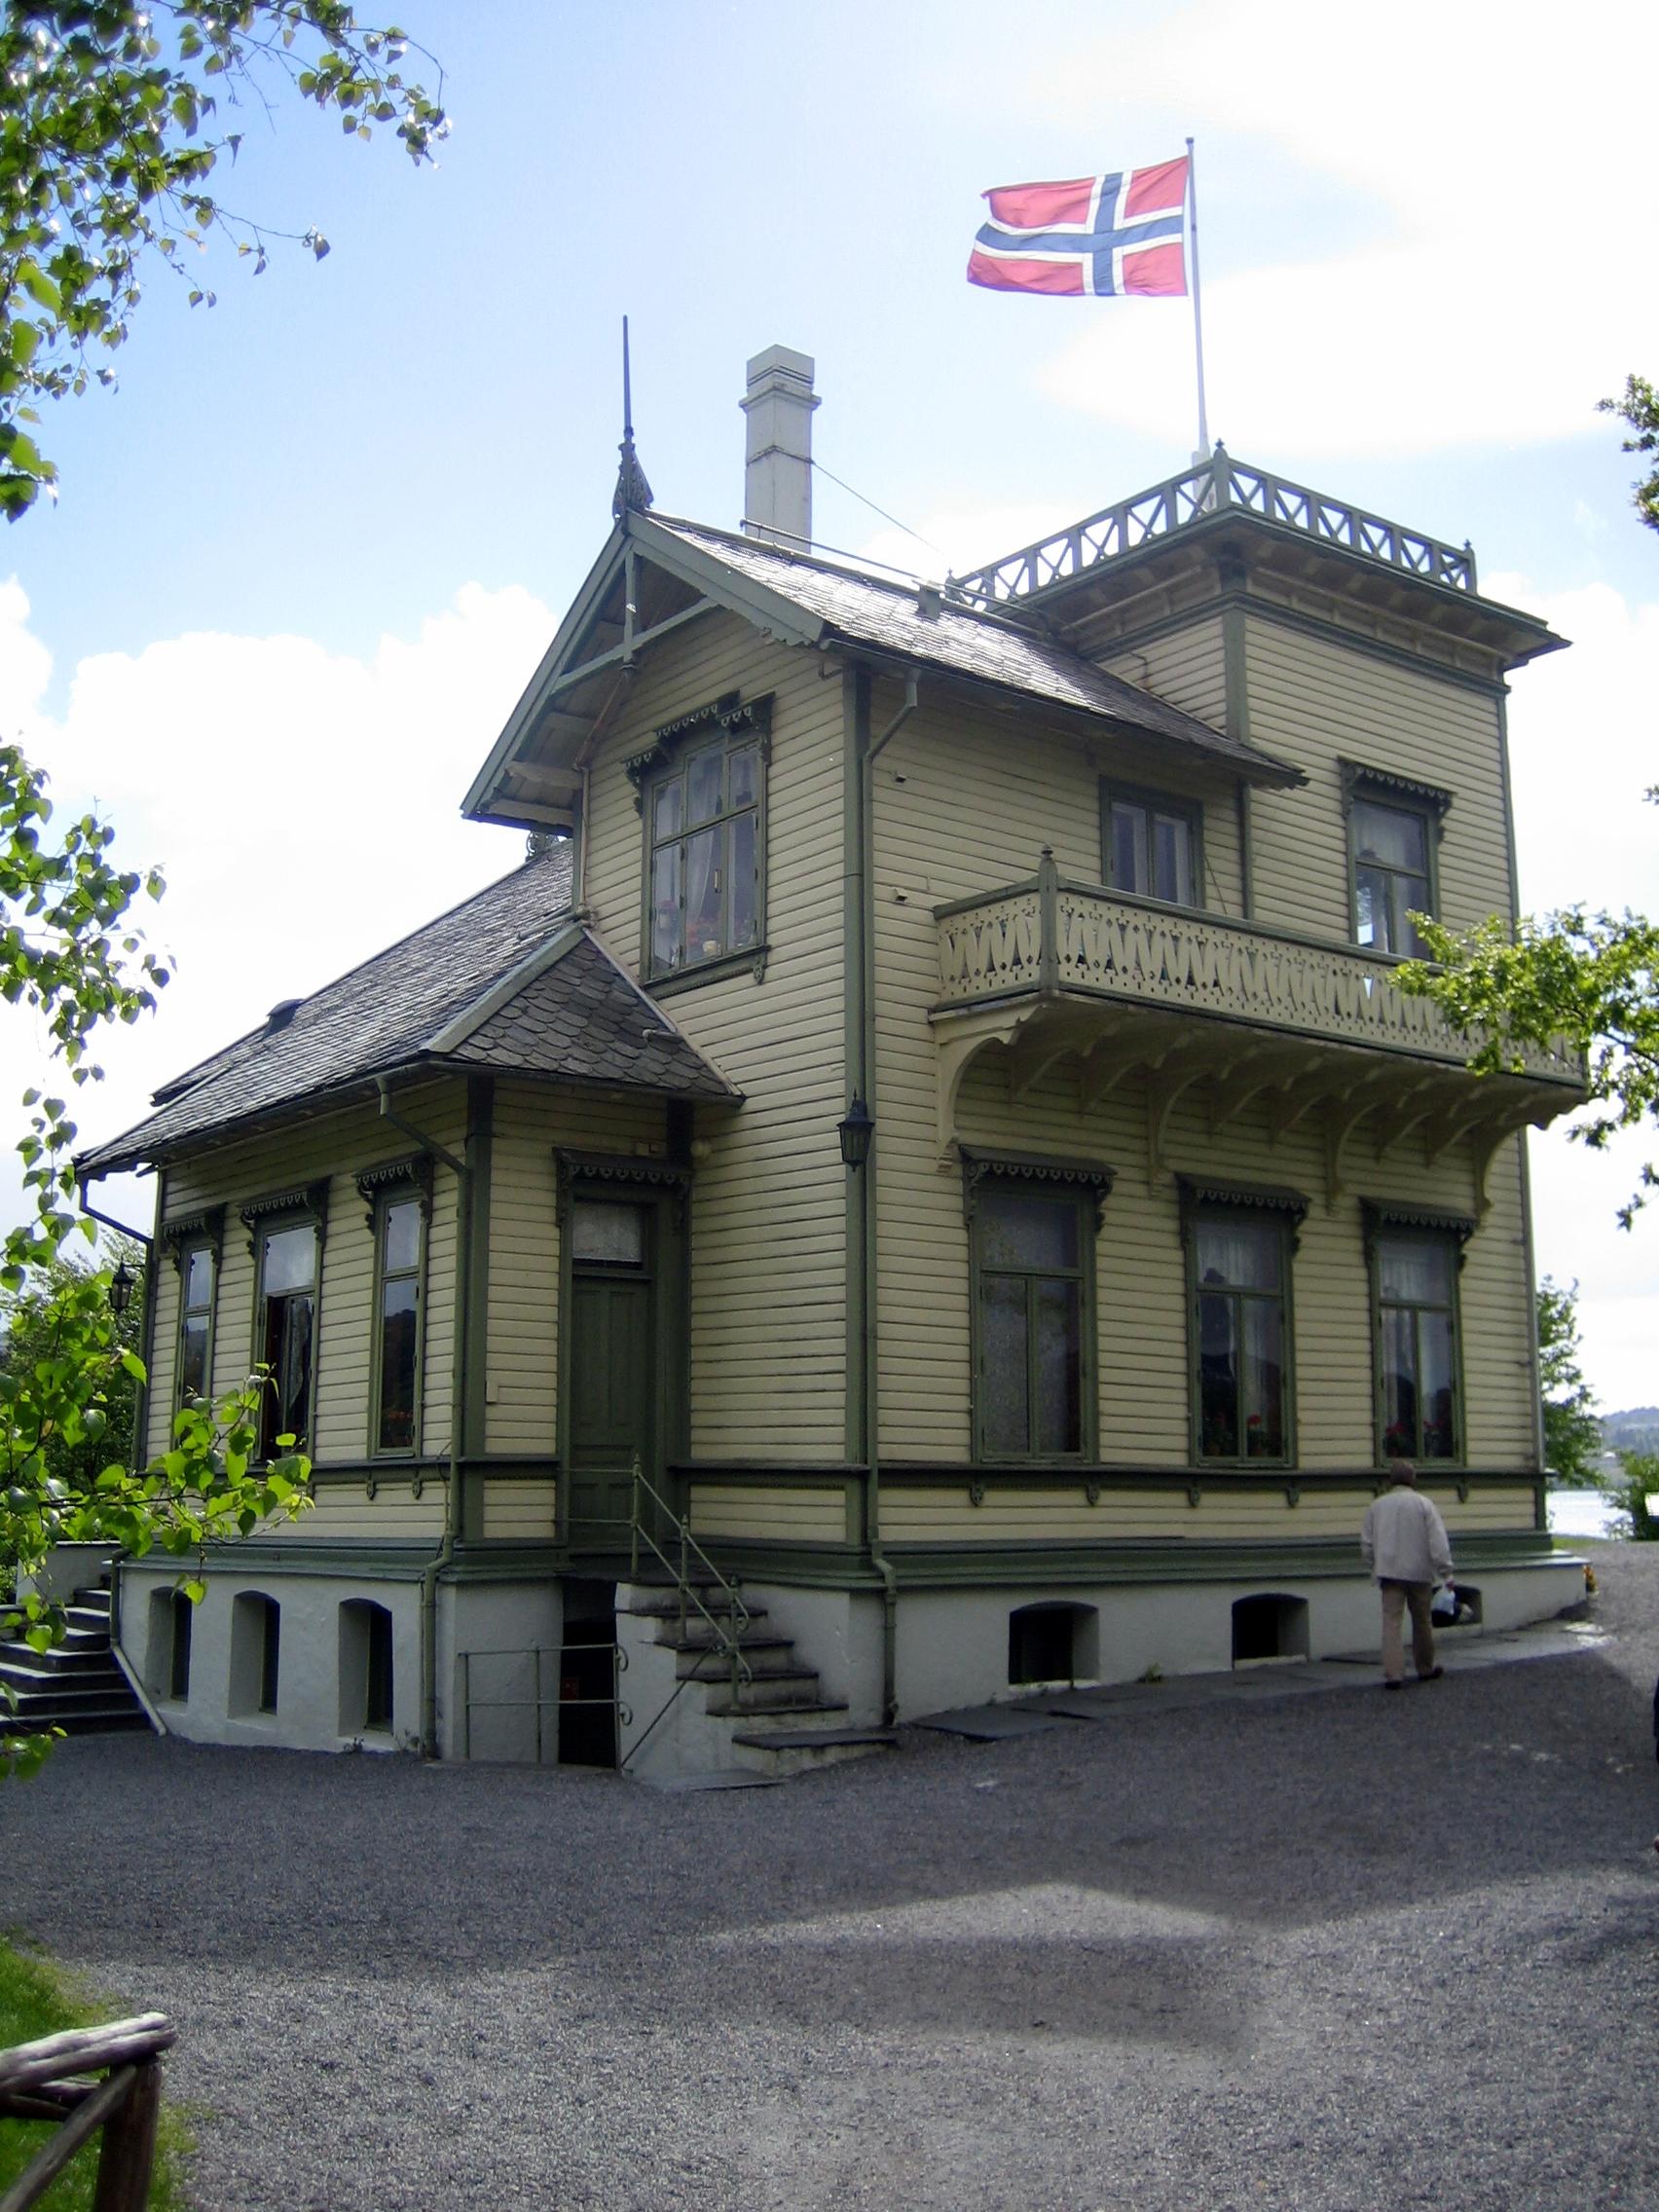 Casa de Grieg en Troldhaugen, Bergen (Noruega).